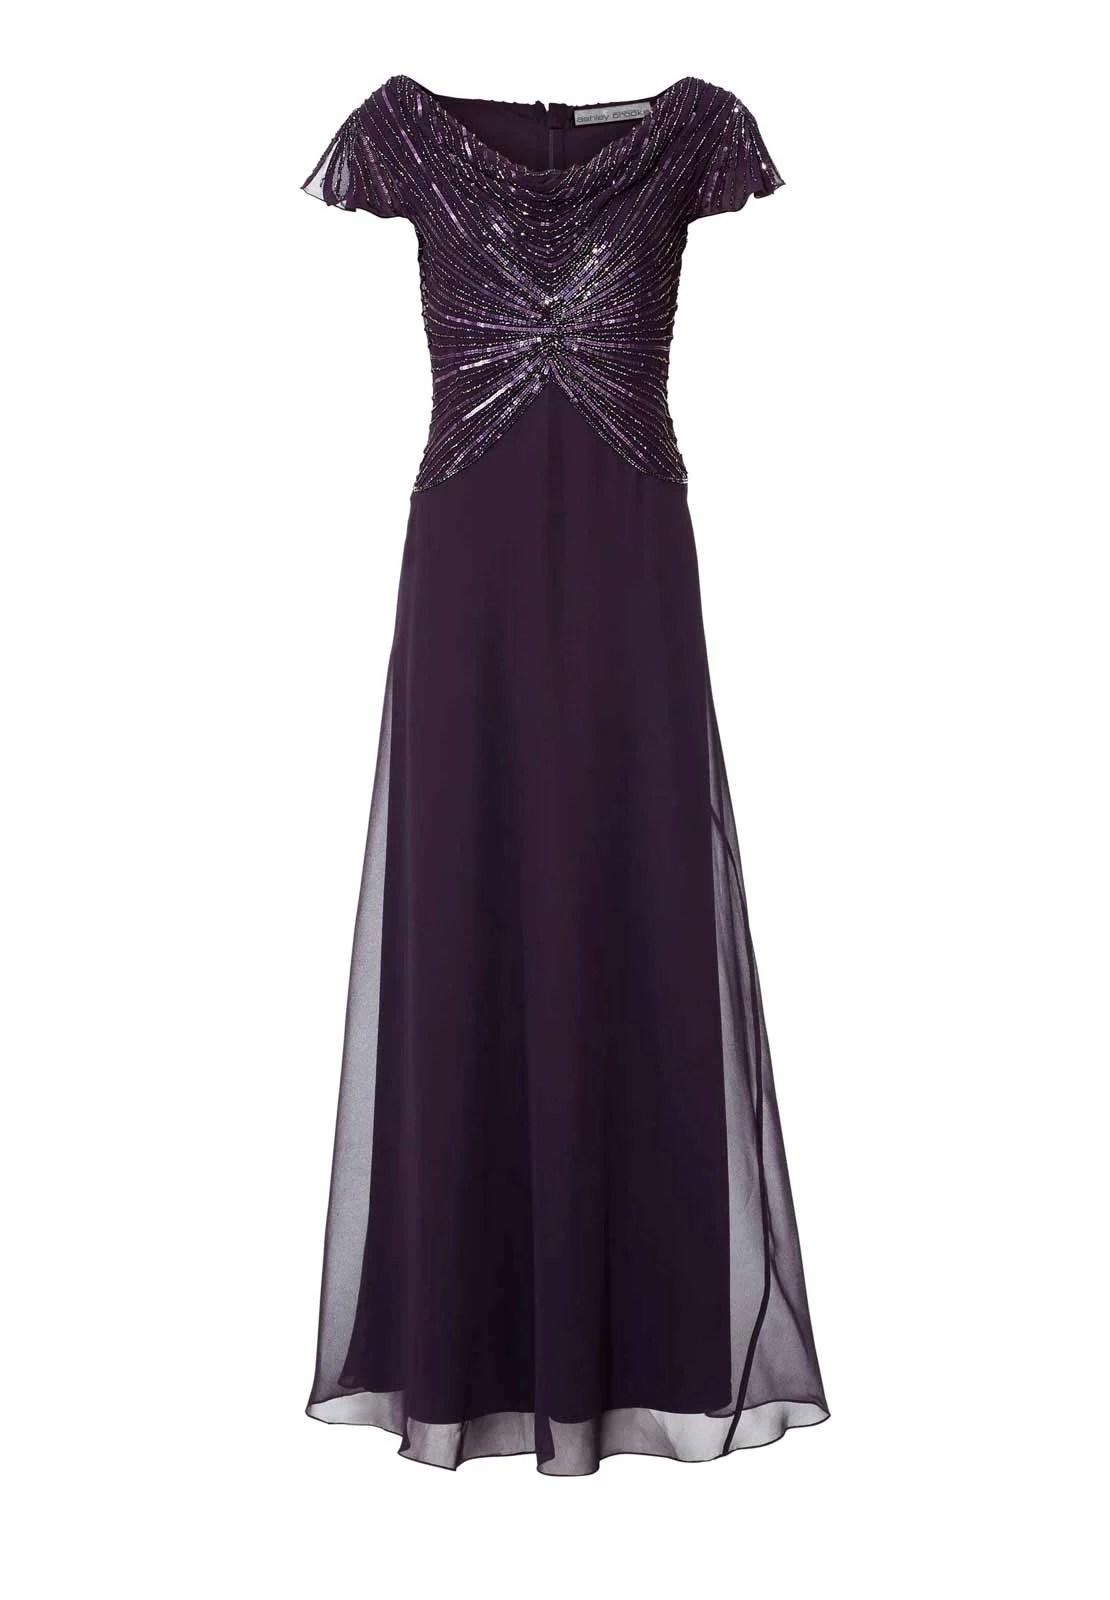 Festmoden ASHLEY BROOKE Damen Designer-Abendkleid m. Perlen Pflaume 051.773 Missforty